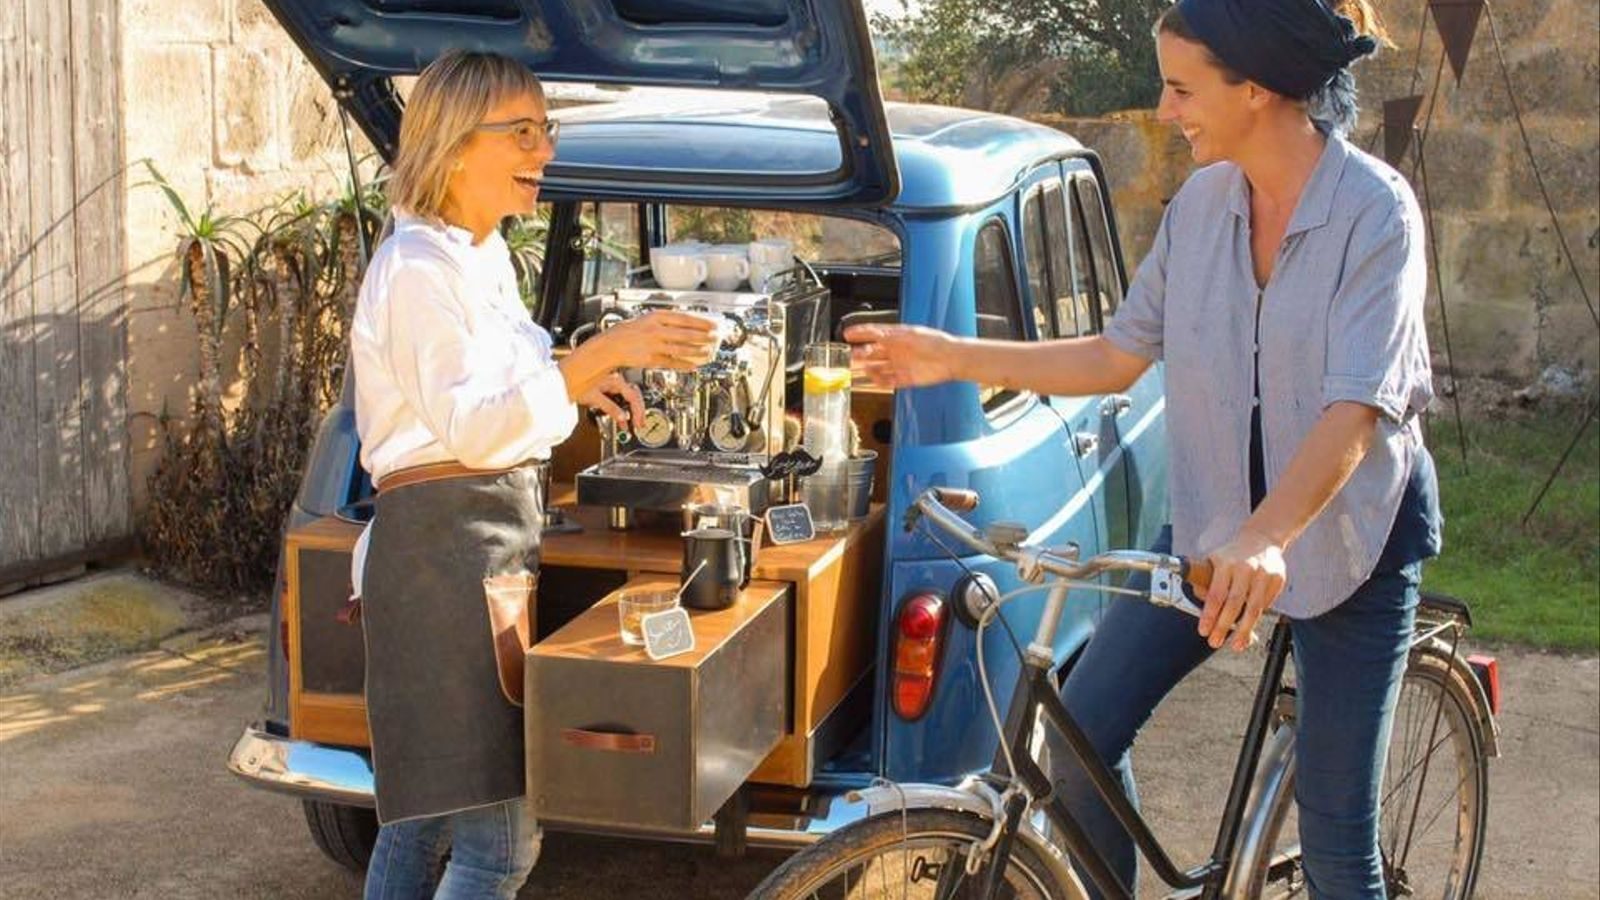 Un nou concepte de cafeteria ambulant